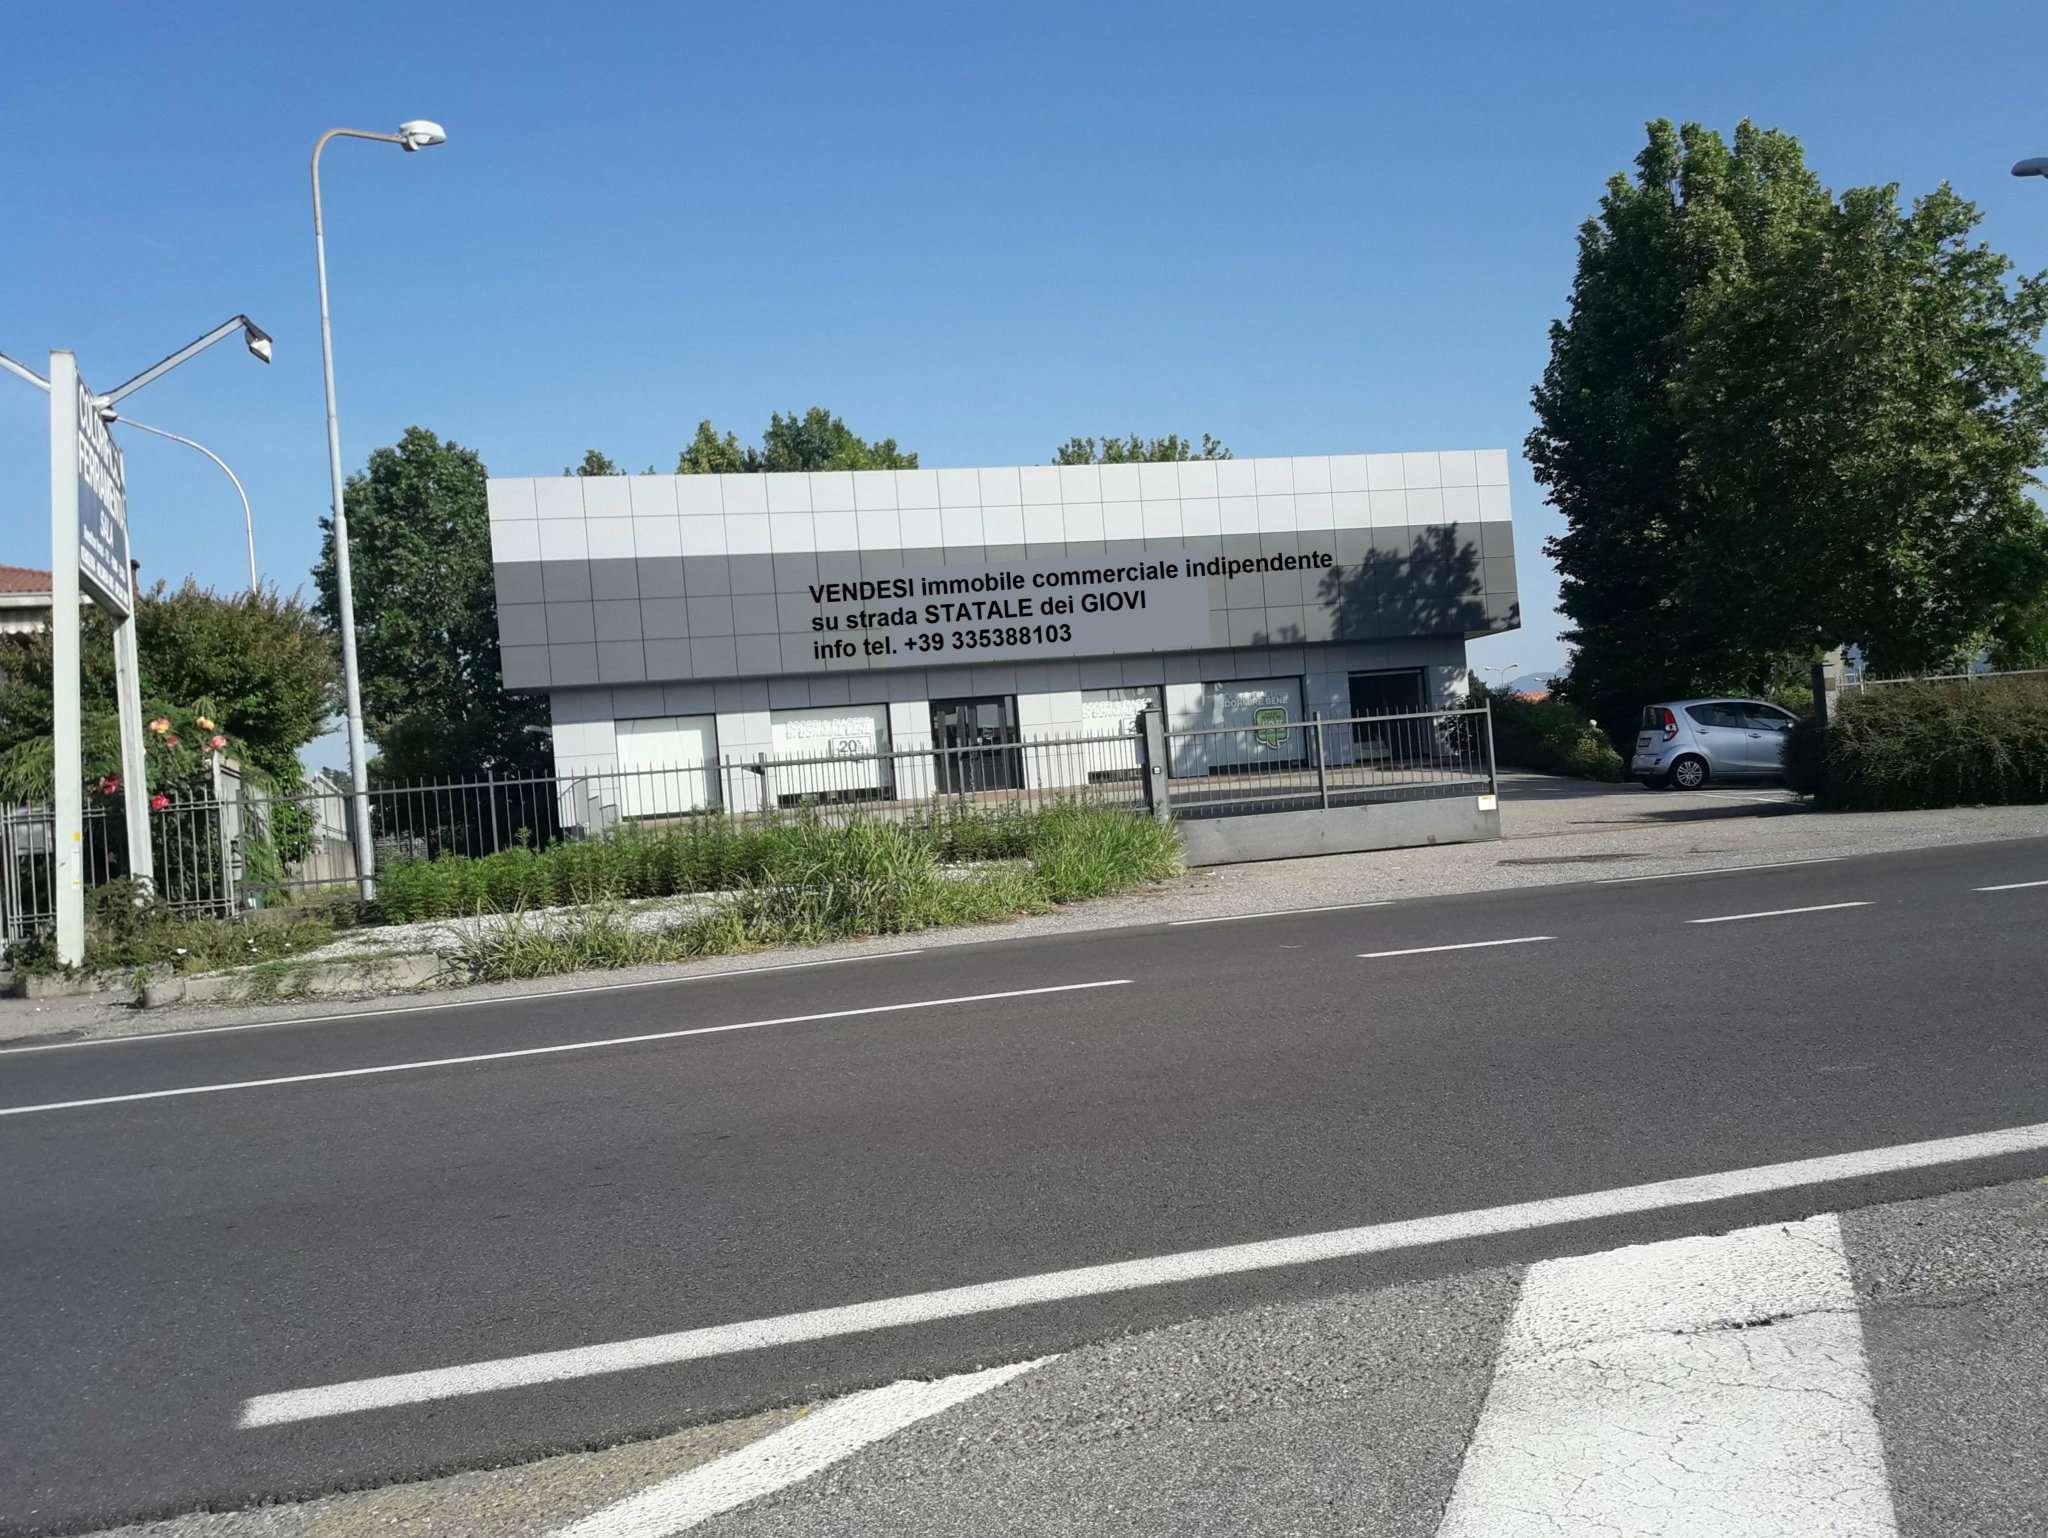 Negozio / Locale in vendita a Grandate, 8 locali, prezzo € 1.290.000 | CambioCasa.it